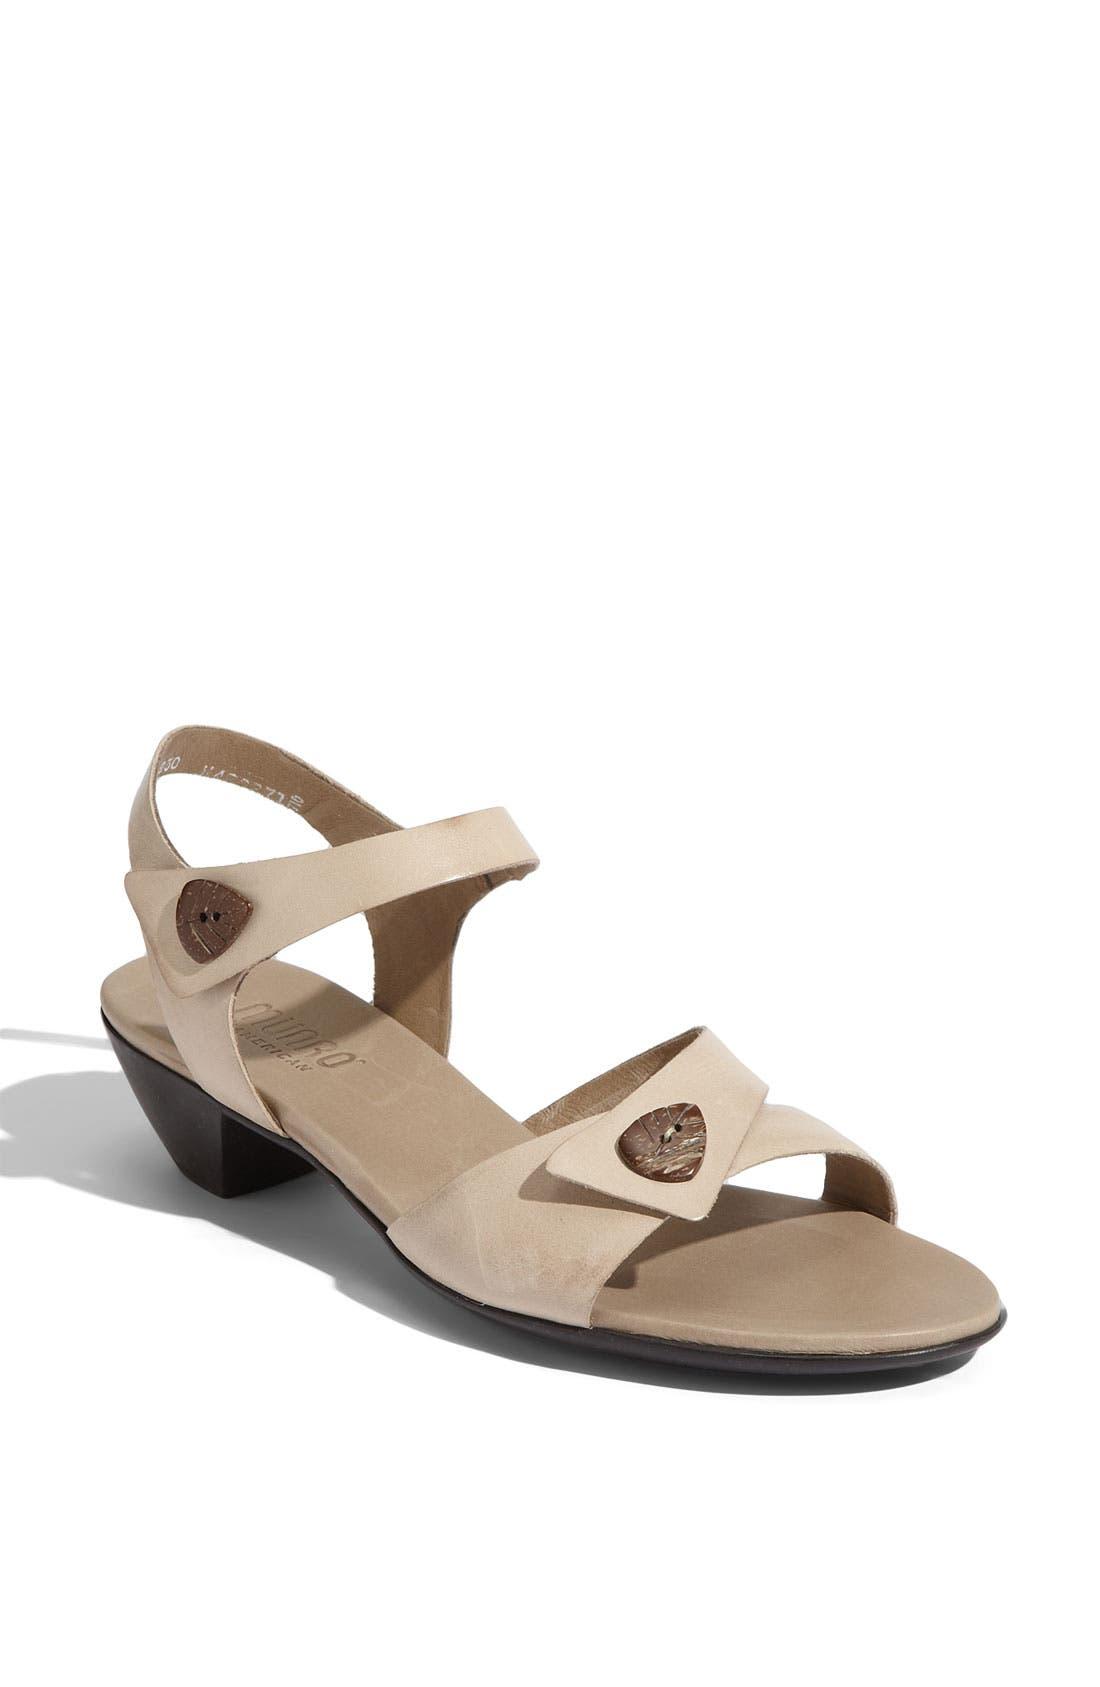 Main Image - Munro 'Palau' Sandal